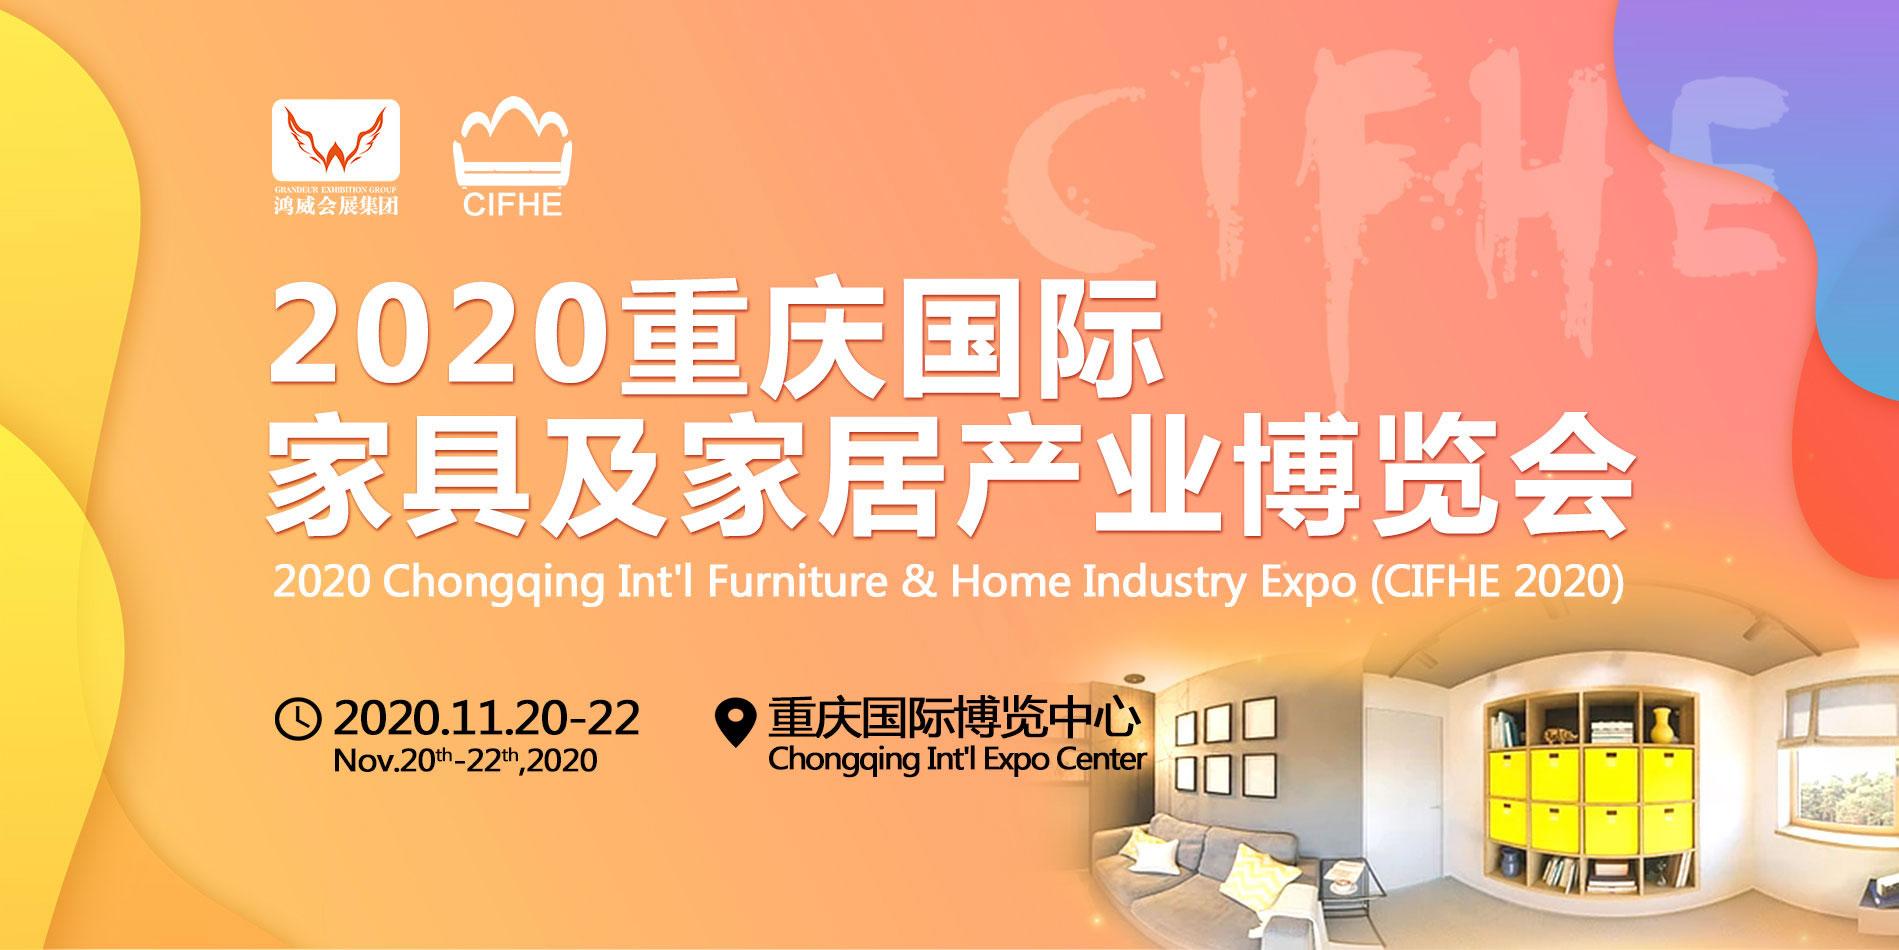 2020.11.20-22重庆国际定制家居产业博览会